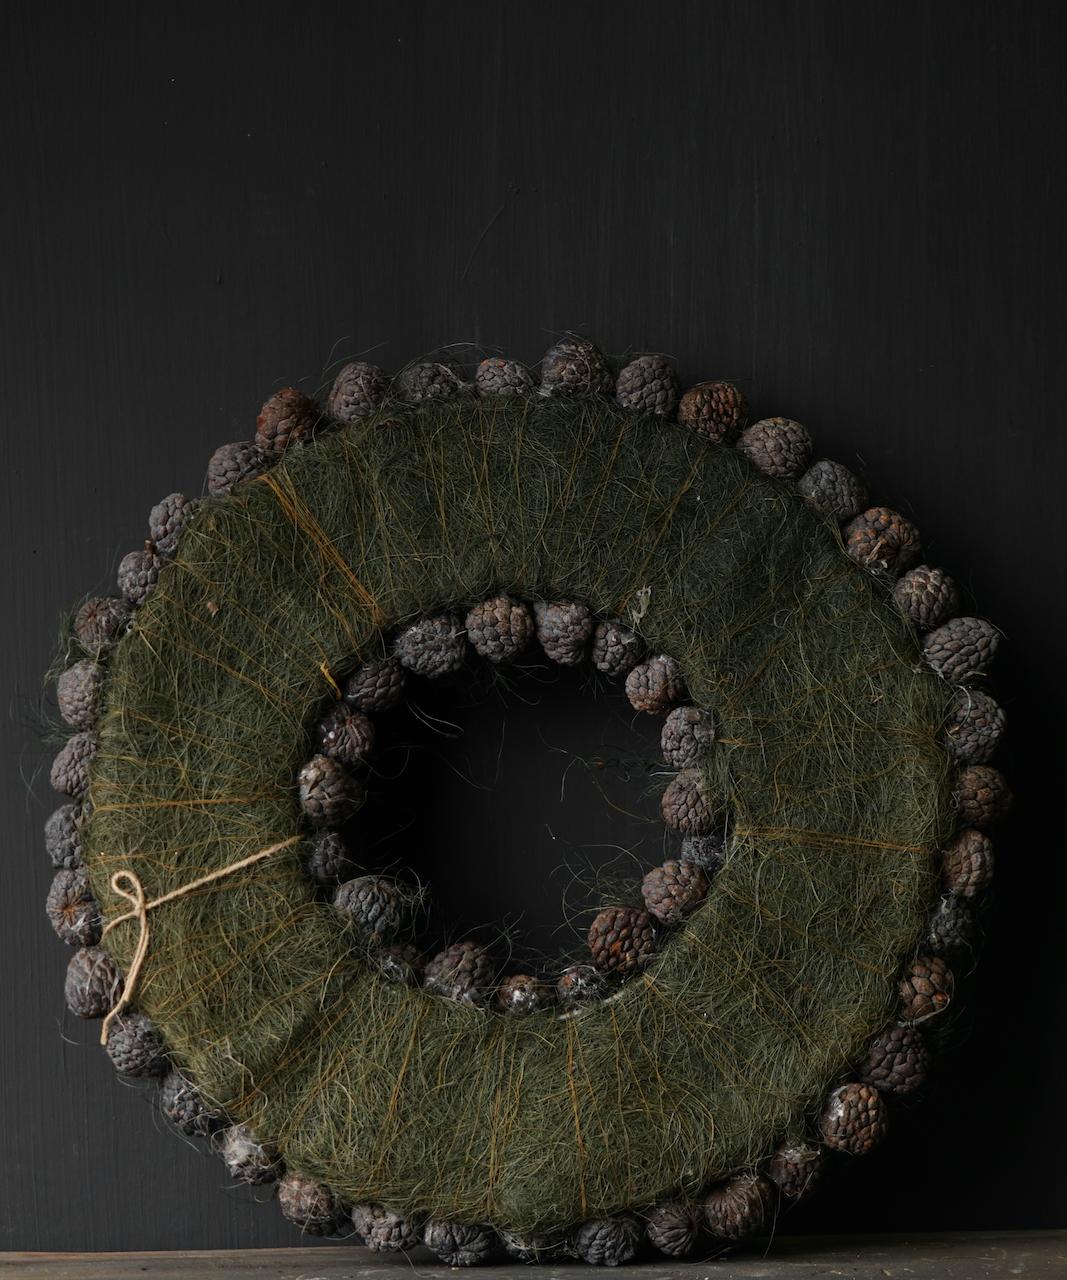 Tough Fruit wreath Gray / Green-2